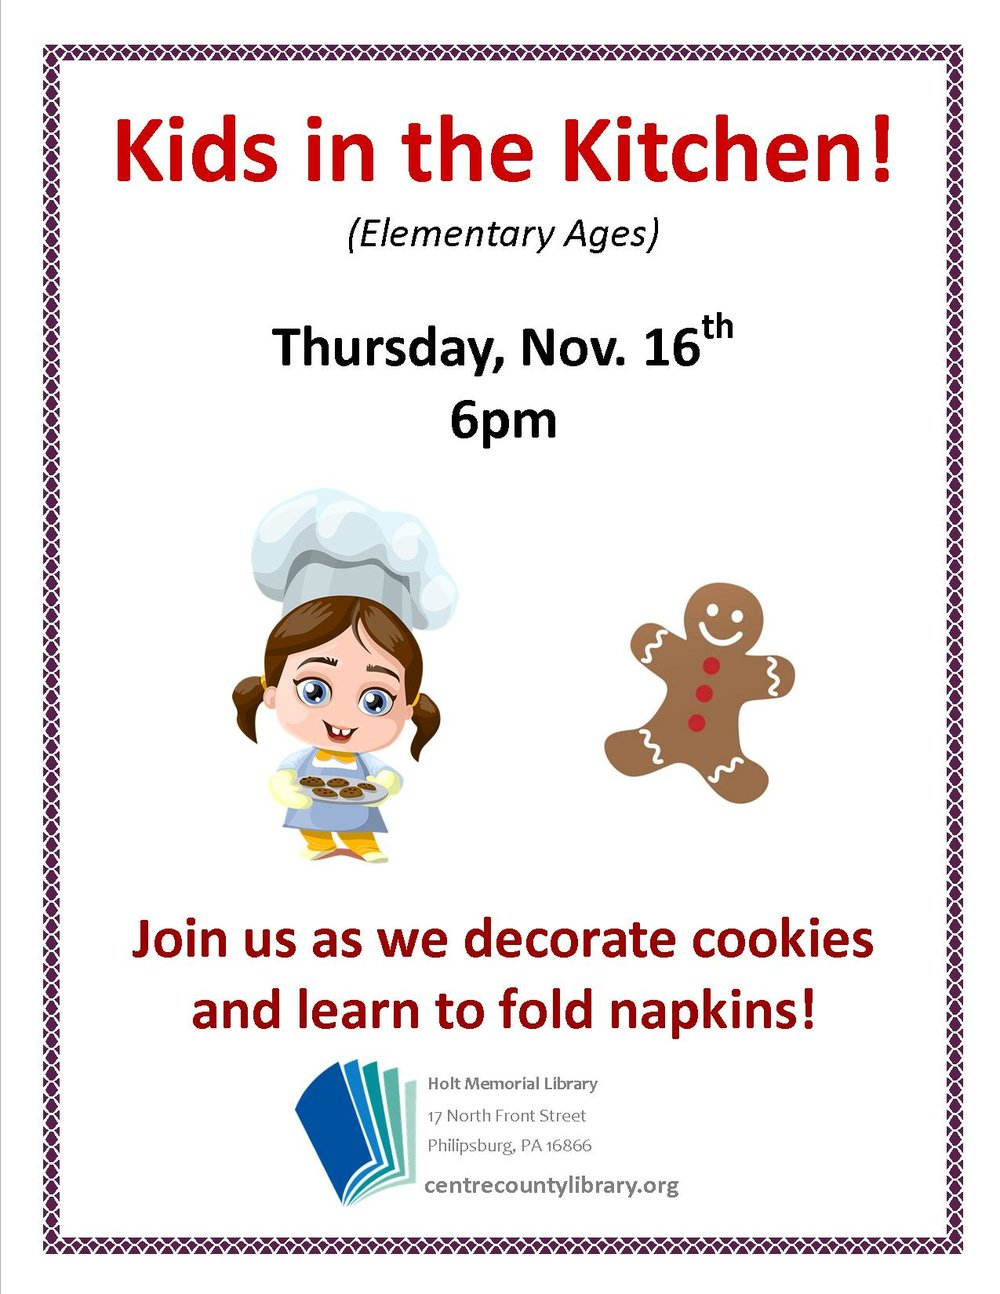 Kids in the kitchen (holt).jpg